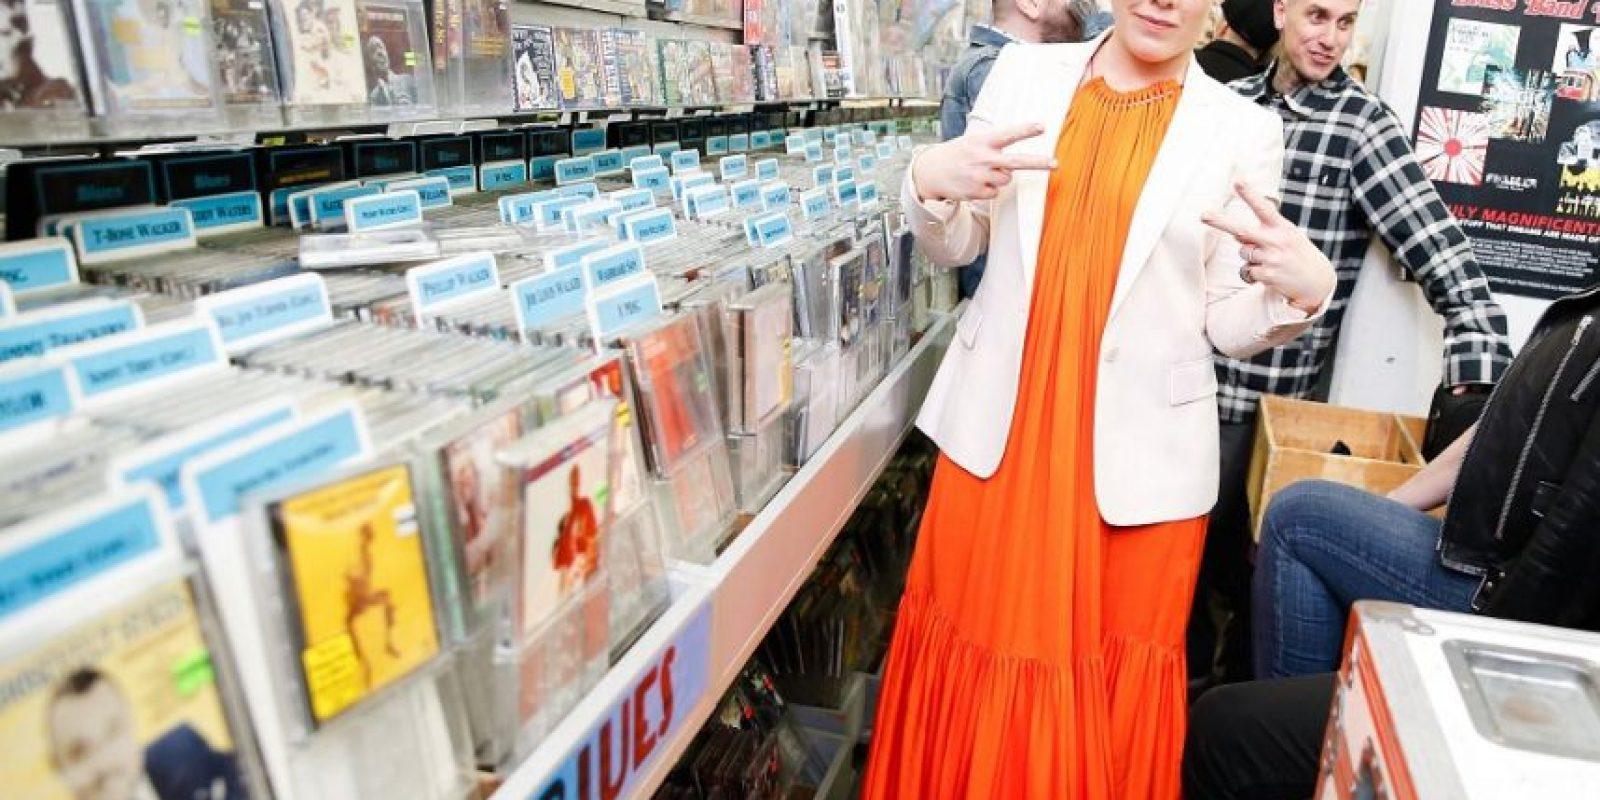 La cantante Pink tuvo a su cargo una de las presentaciones artísticas. Foto:Fuente Externa